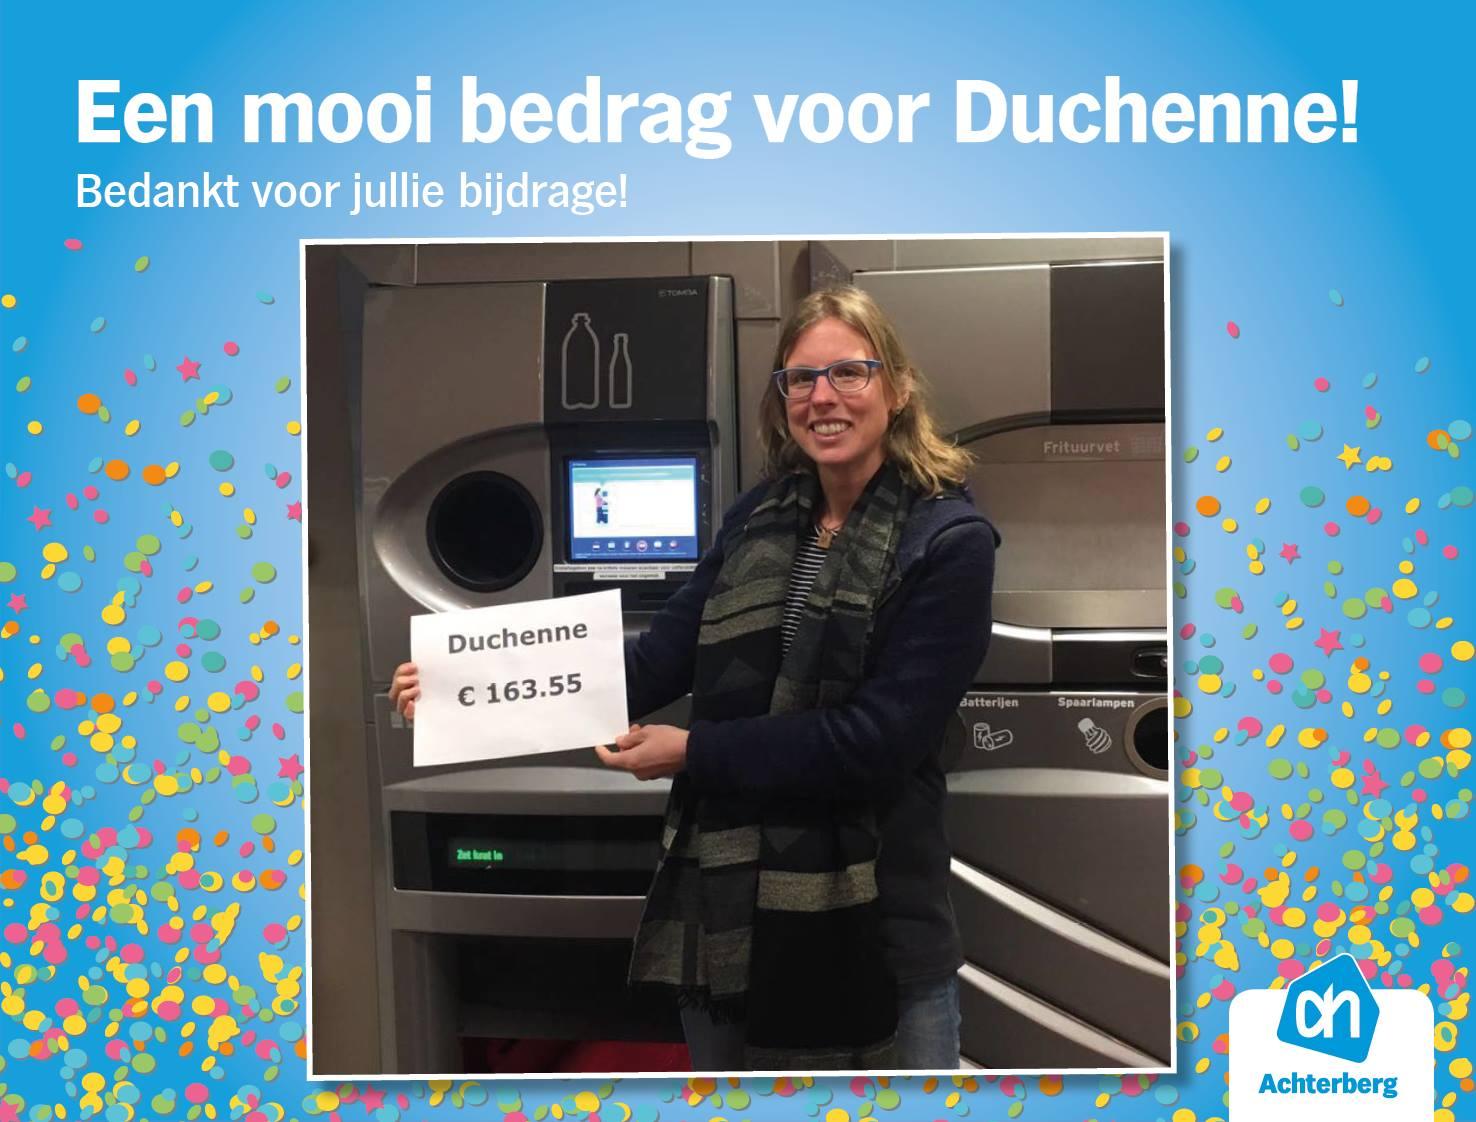 Een prachtig bedrag voor Duchenne!